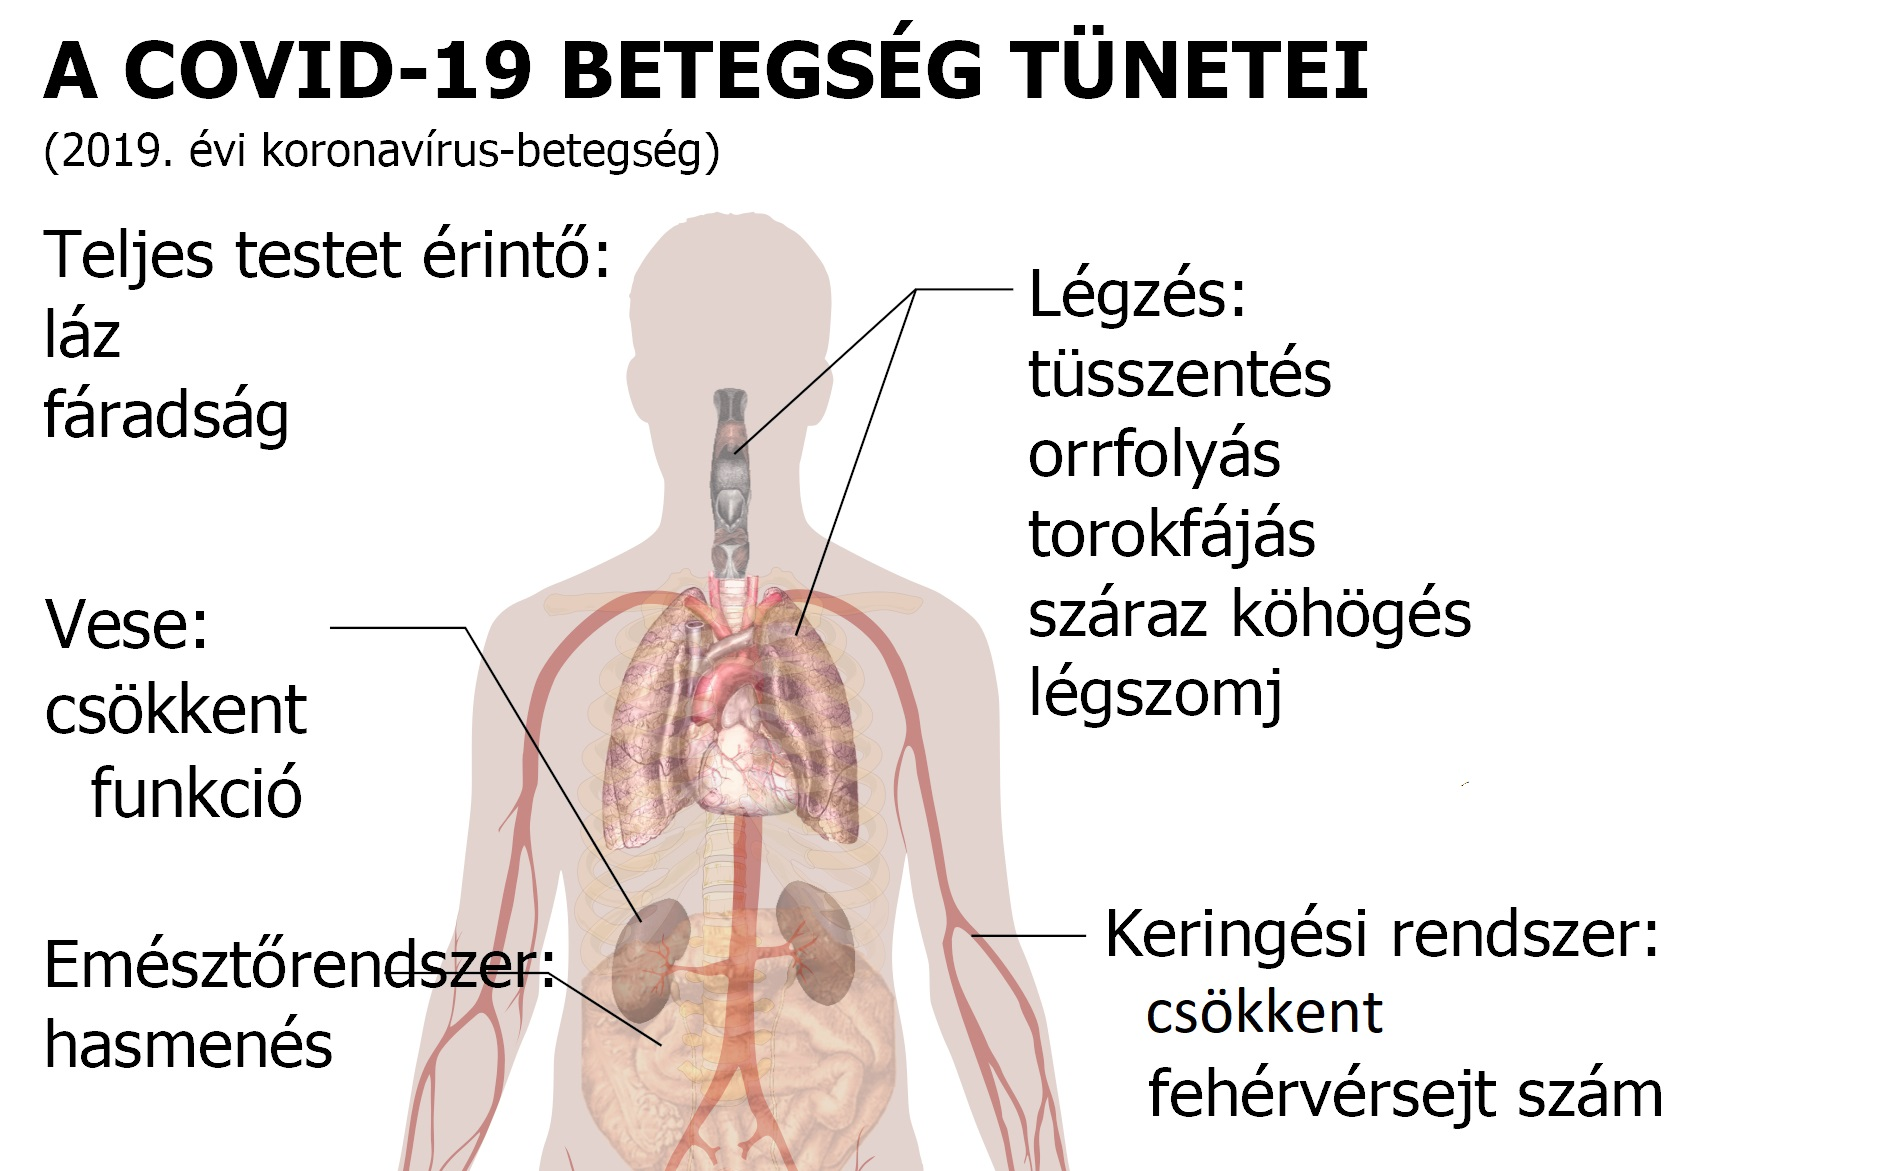 légszomj köhögés magas vérnyomással)